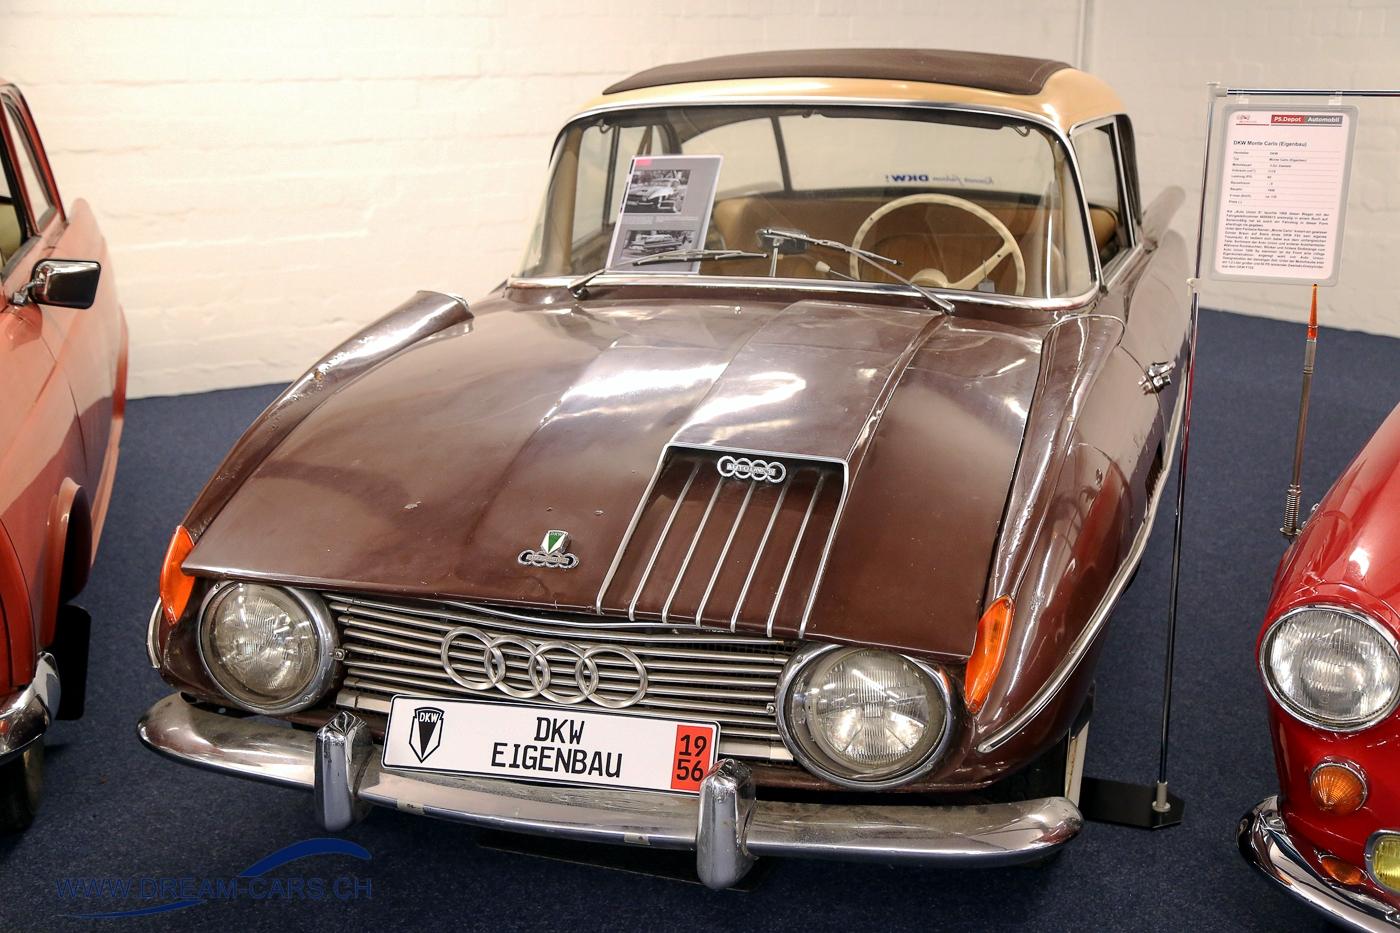 DKW Monte Carlo Eigenbau 1957